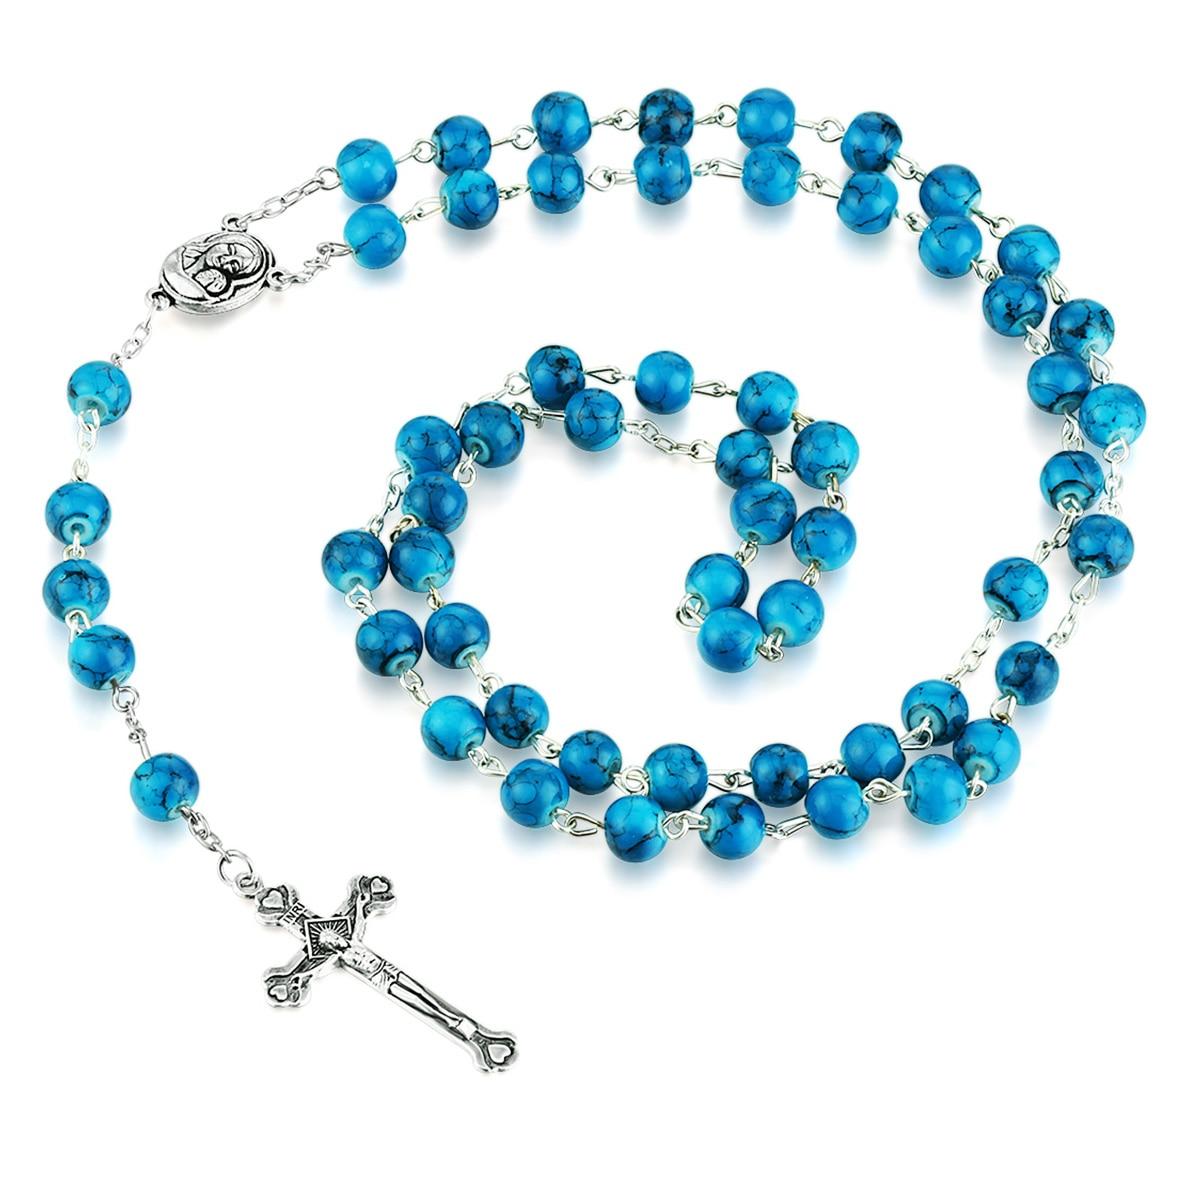 Rosario cuentas collar católico medalla de Tierra Santa collar de colgante de Cruz regalos religiosos Rosarios para mujeres Bless Virgen María MN295